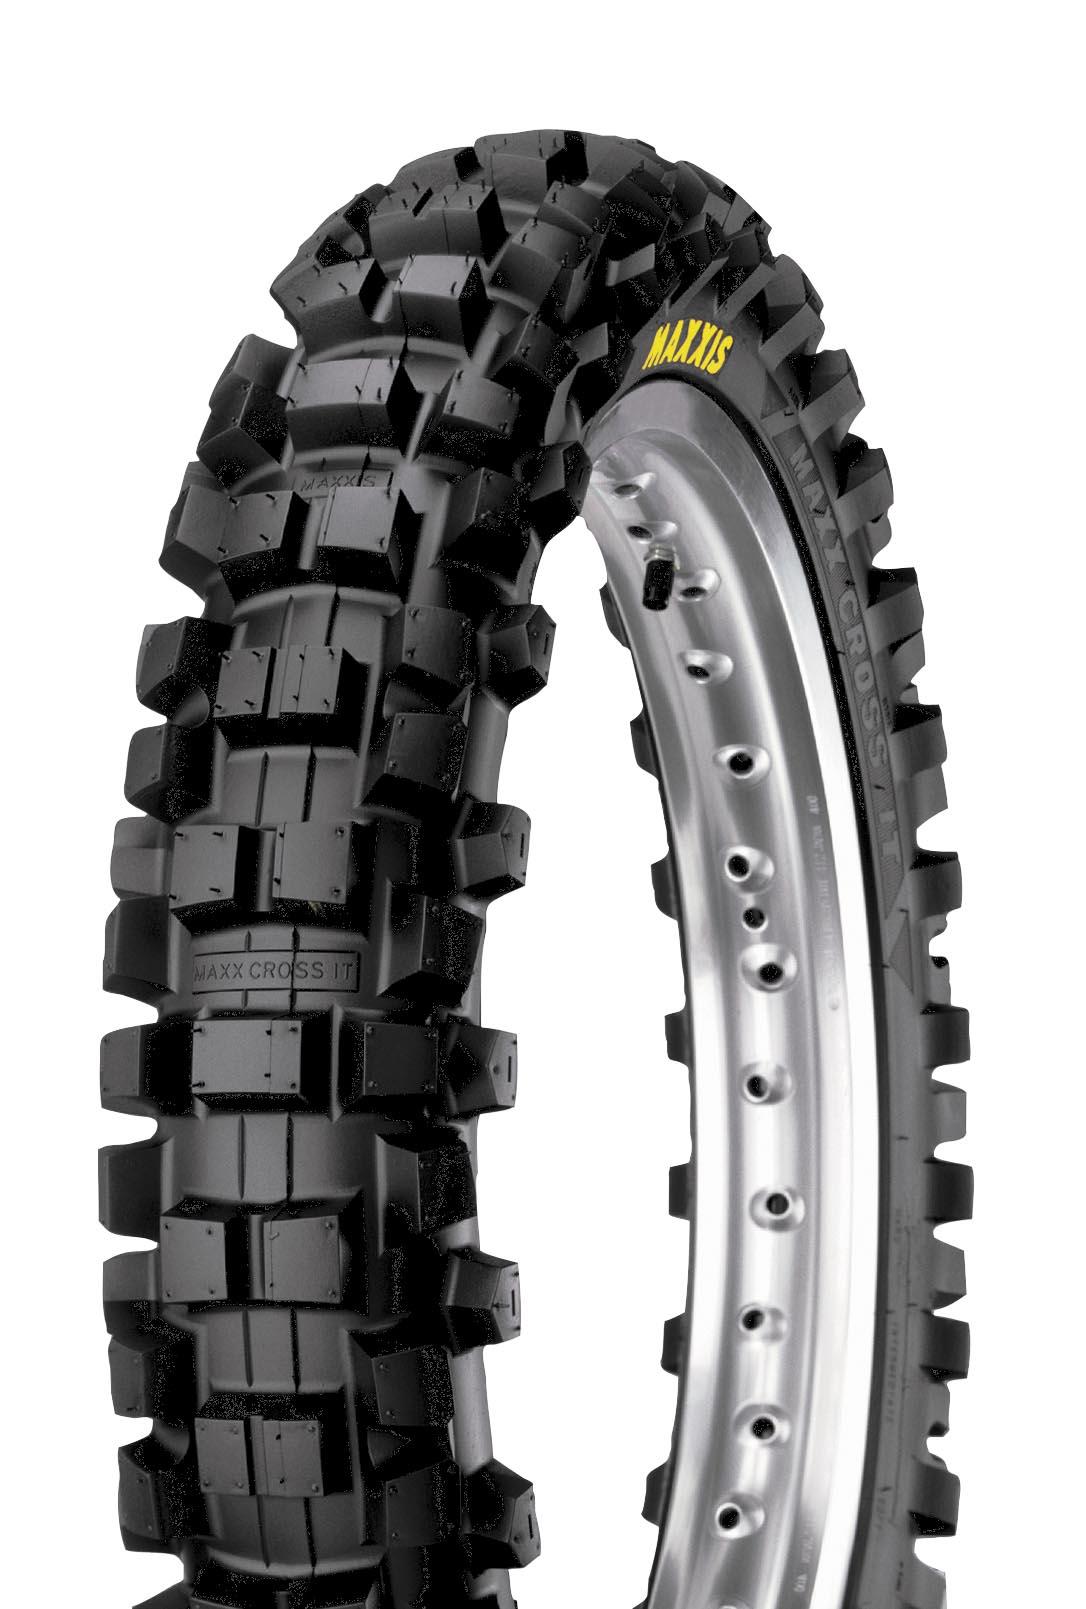 M7305 Maxxcross IT Tire